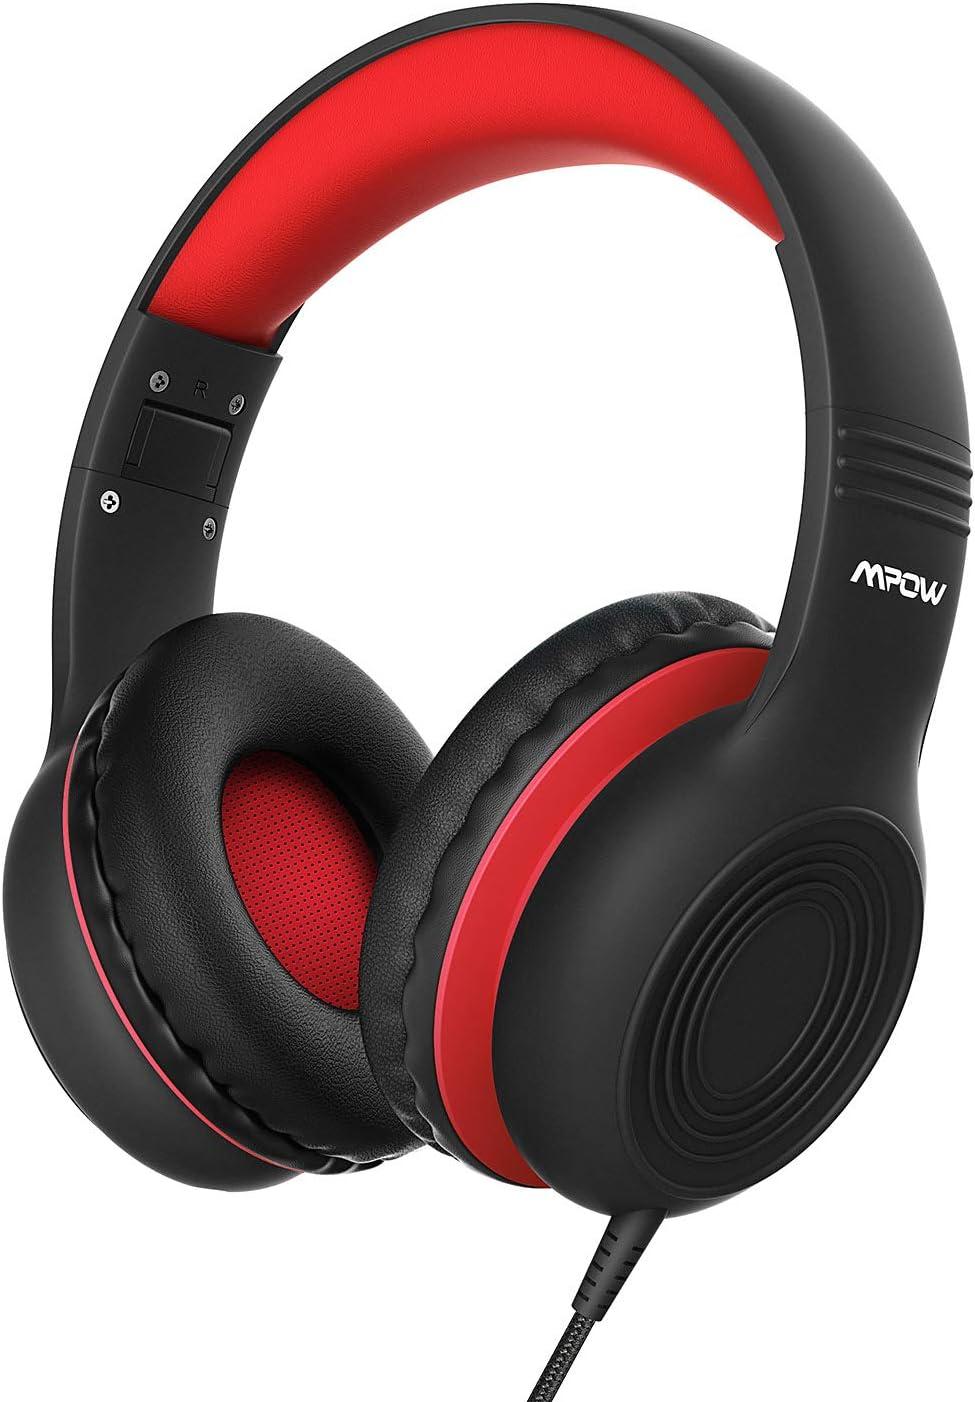 Mpow CH6 Auriculares para niños, Volumen Limitado en el oído Auriculares para niños con Conector de Audio de 3.5 mm para niños, Auriculares con Cable Ajustable y Plegable con micrófono, Negro Rojo